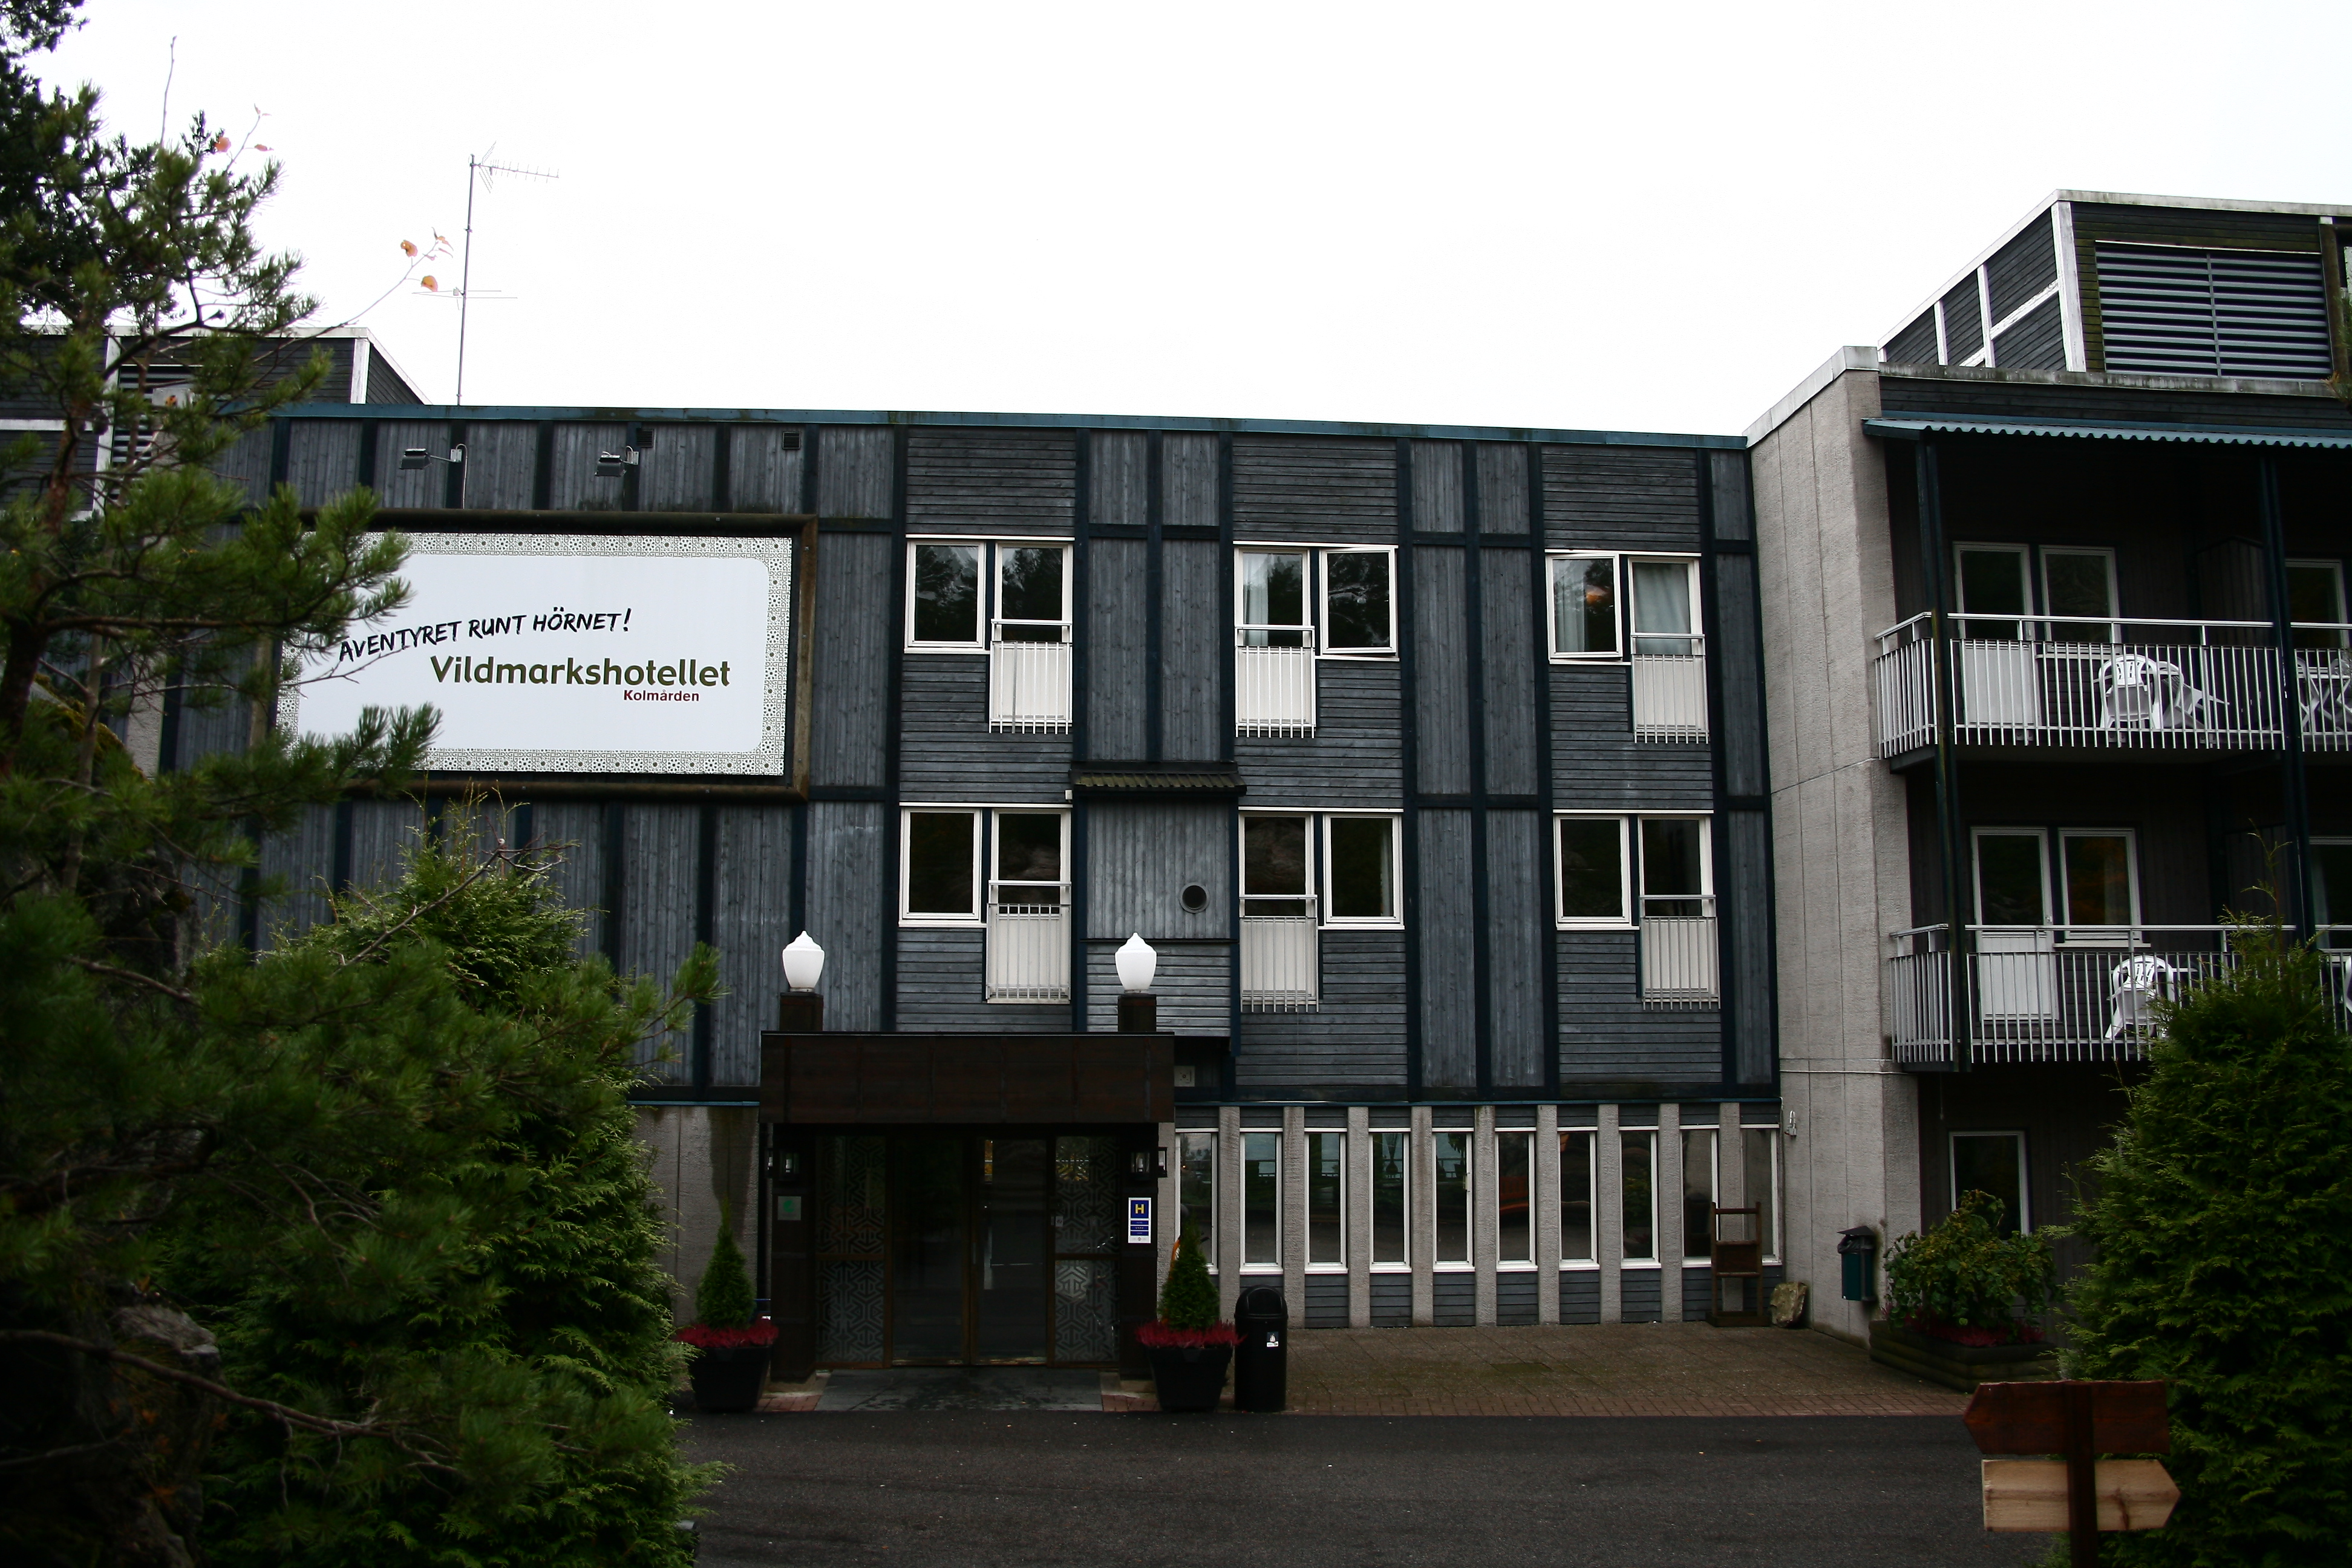 vildmarkshotellet kolmården hotell